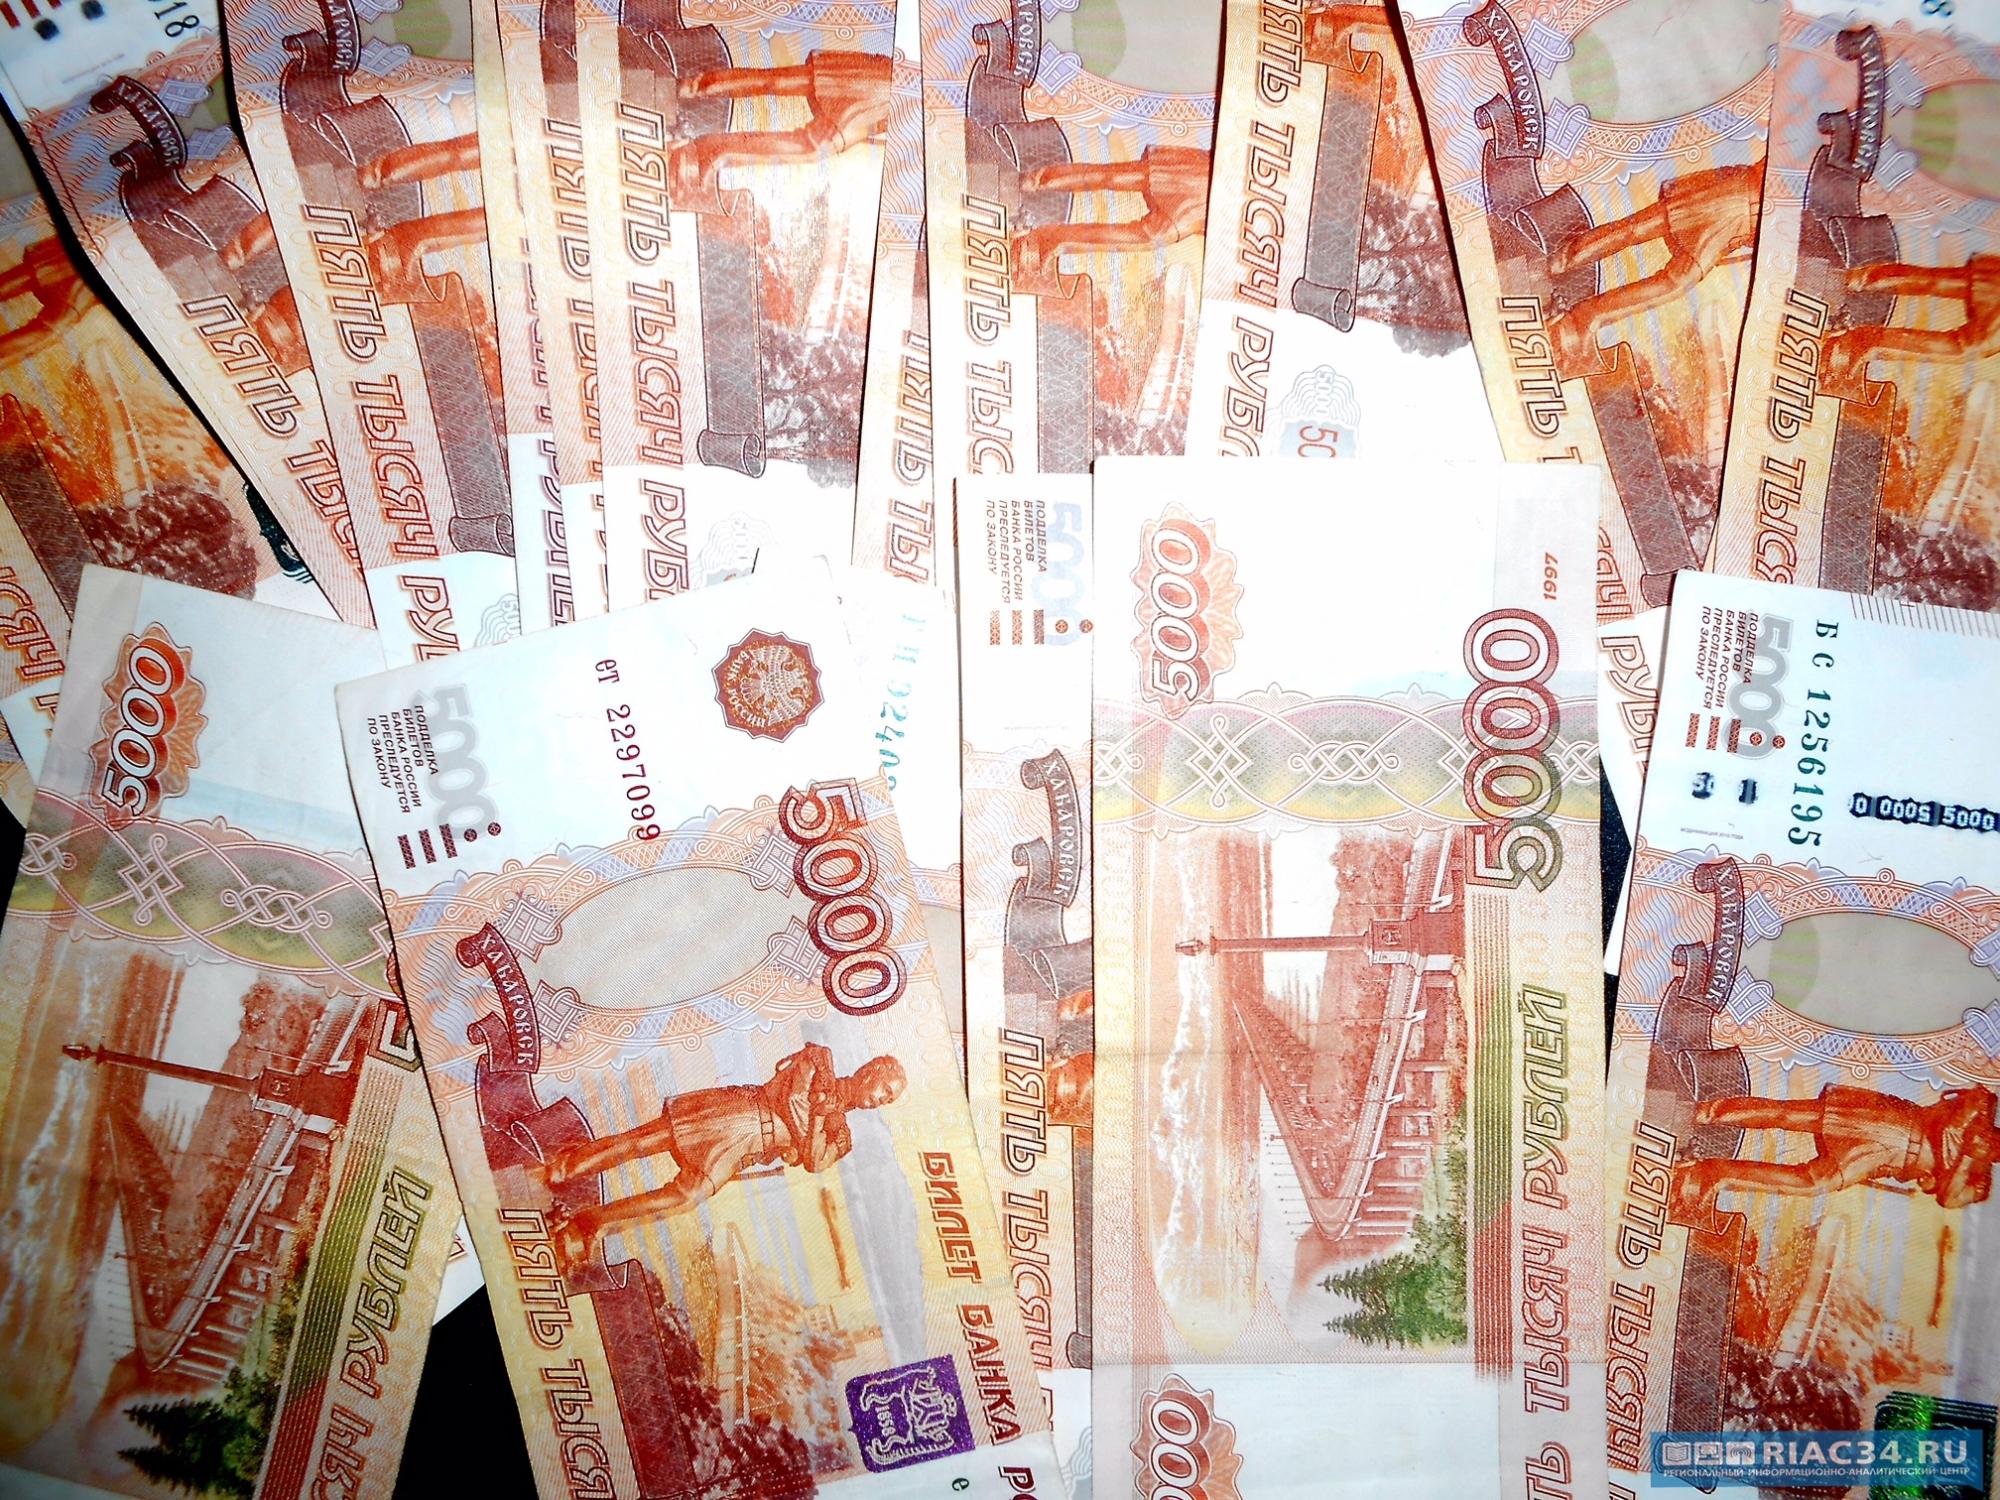 «Электронный магазин» и общие госзакупки сэкономили 477 млн руб.